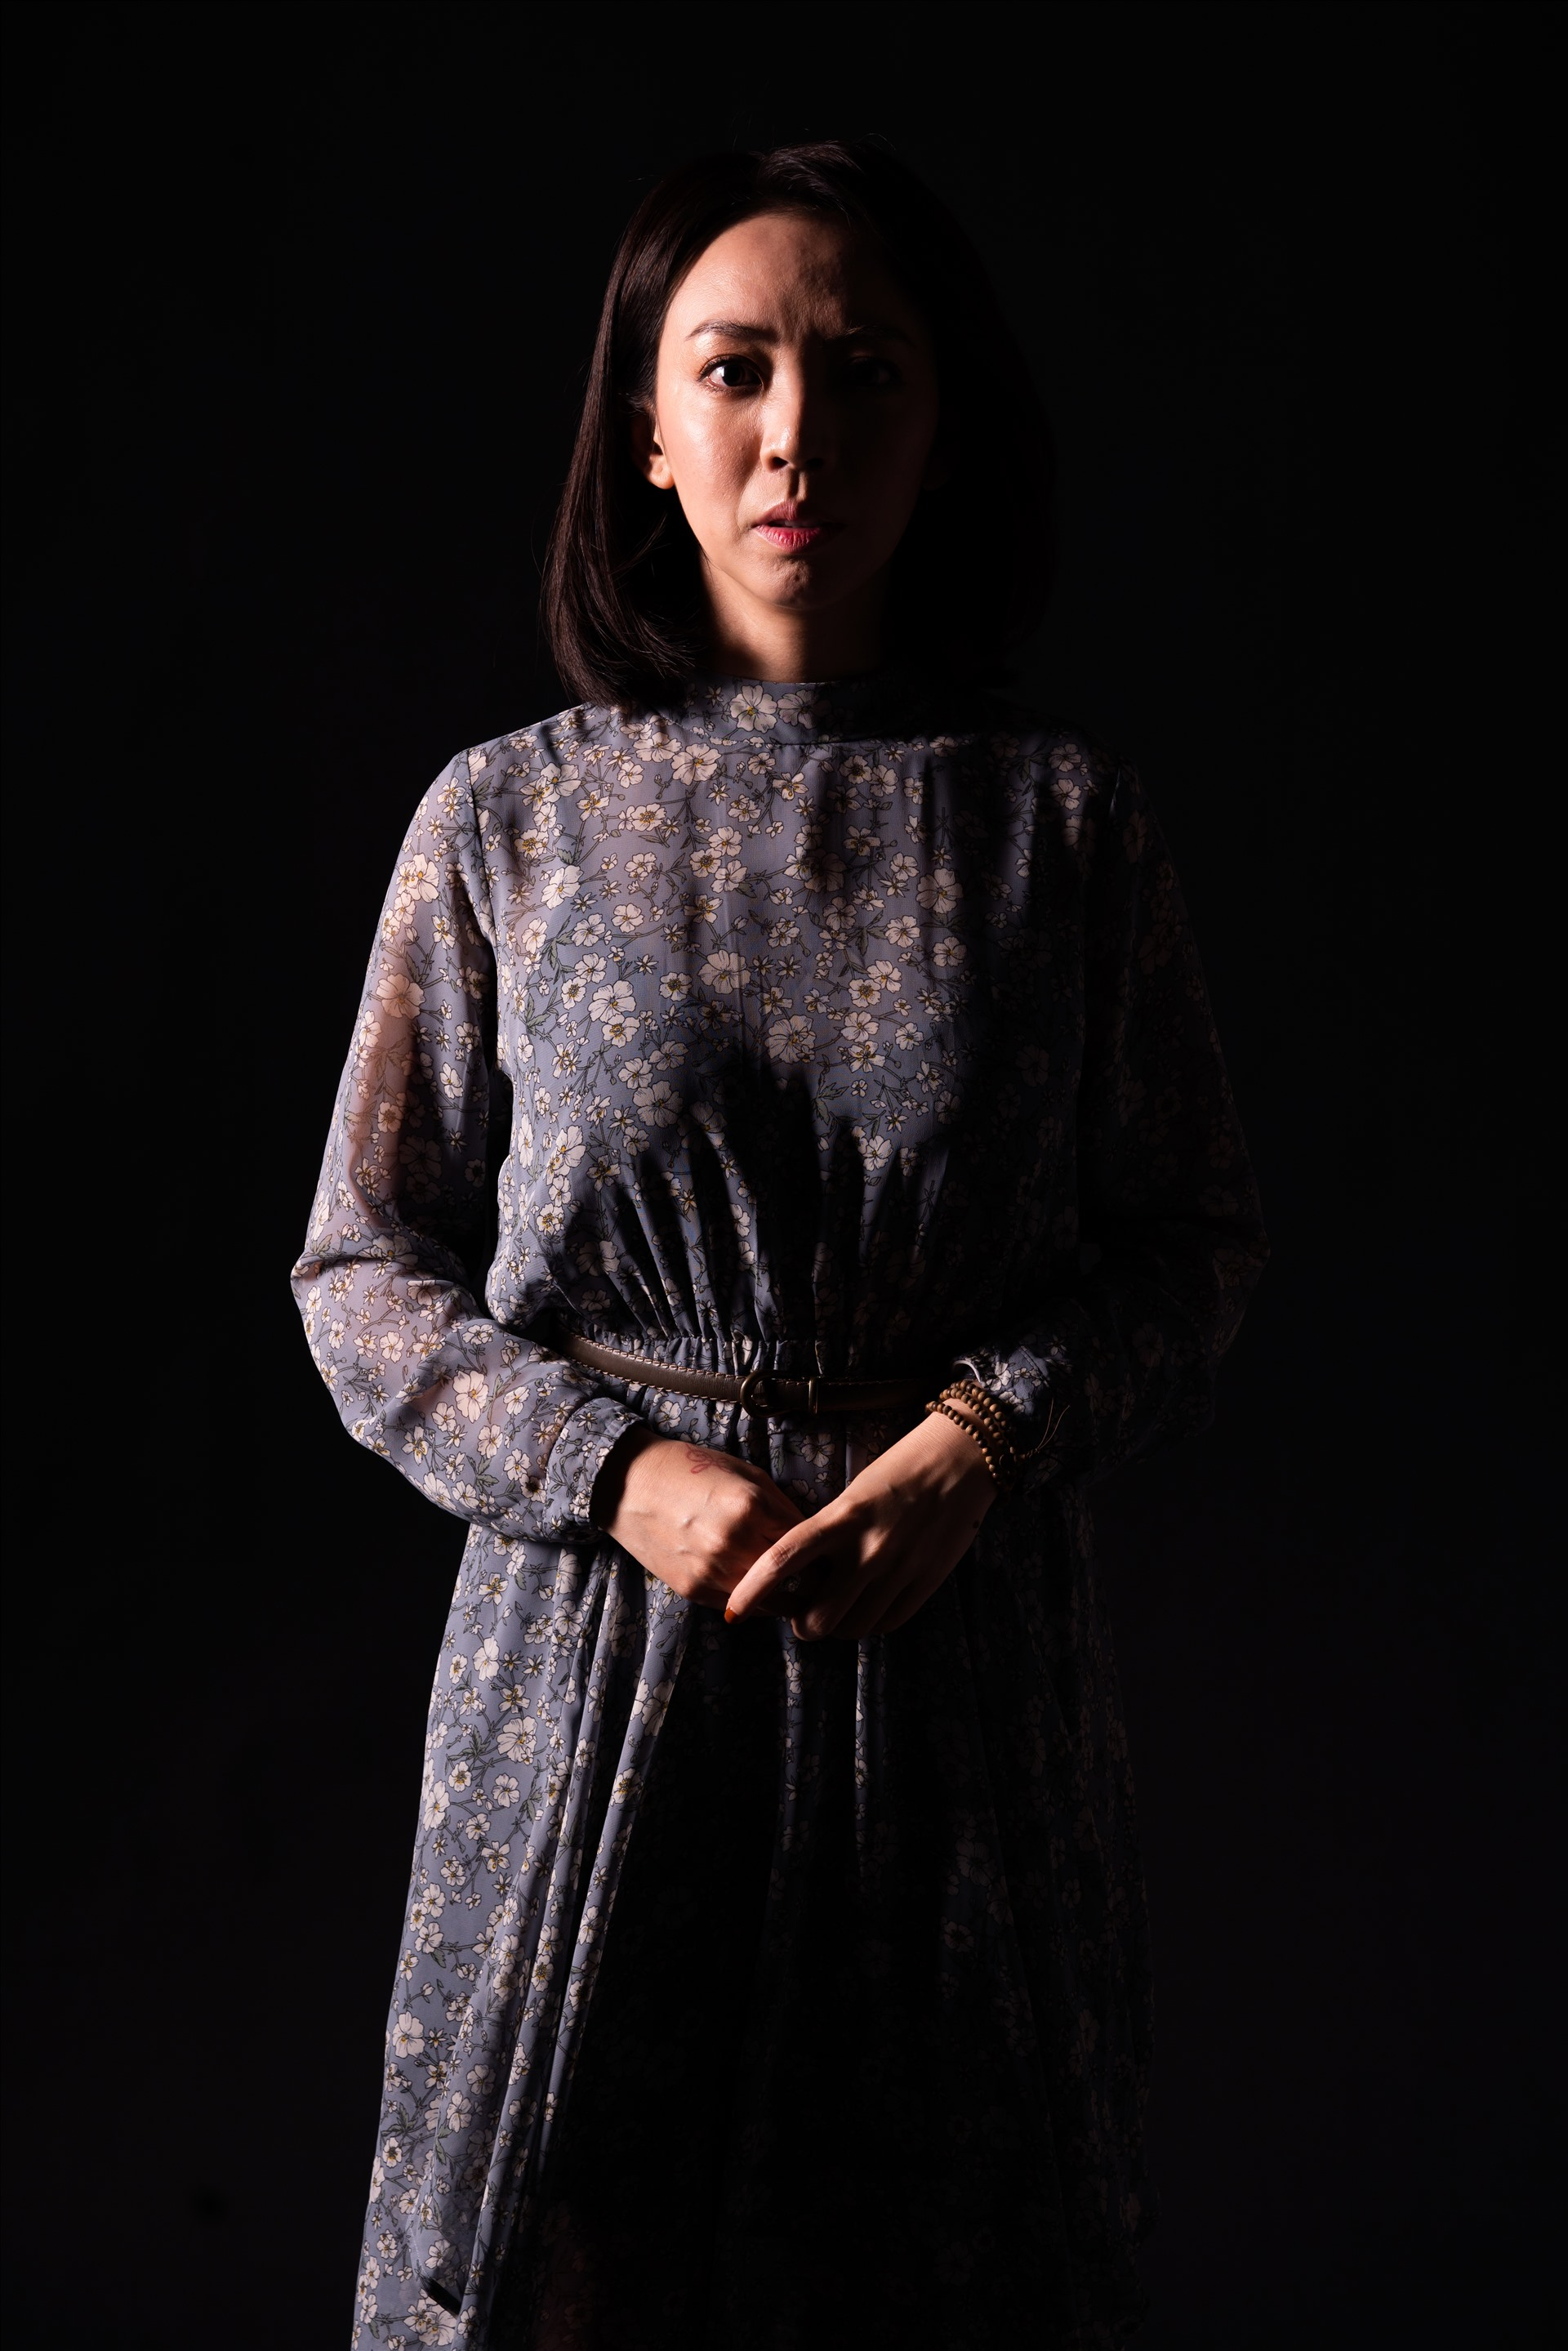 """""""Hoa hậu làng hài"""" Thu Trang hứa hẹn đem đến nhiều bất ngờ cho người xem trong bộ phim của đạo diễn Nguyễn Quang Dũng. Ảnh: Nhân vật cung cấp."""